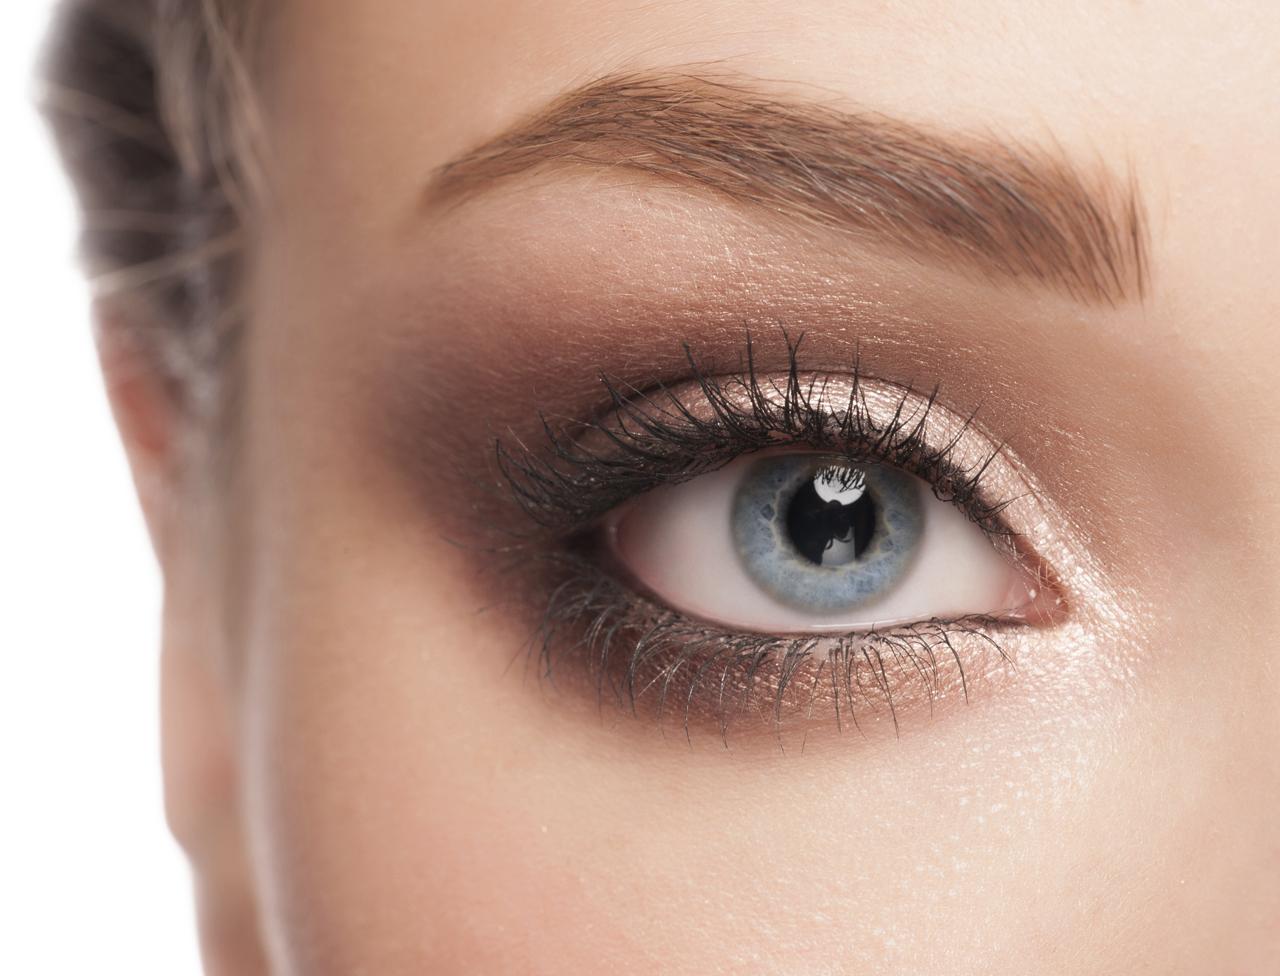 le maquillage pour agrandir les yeux maquillage des yeux. Black Bedroom Furniture Sets. Home Design Ideas